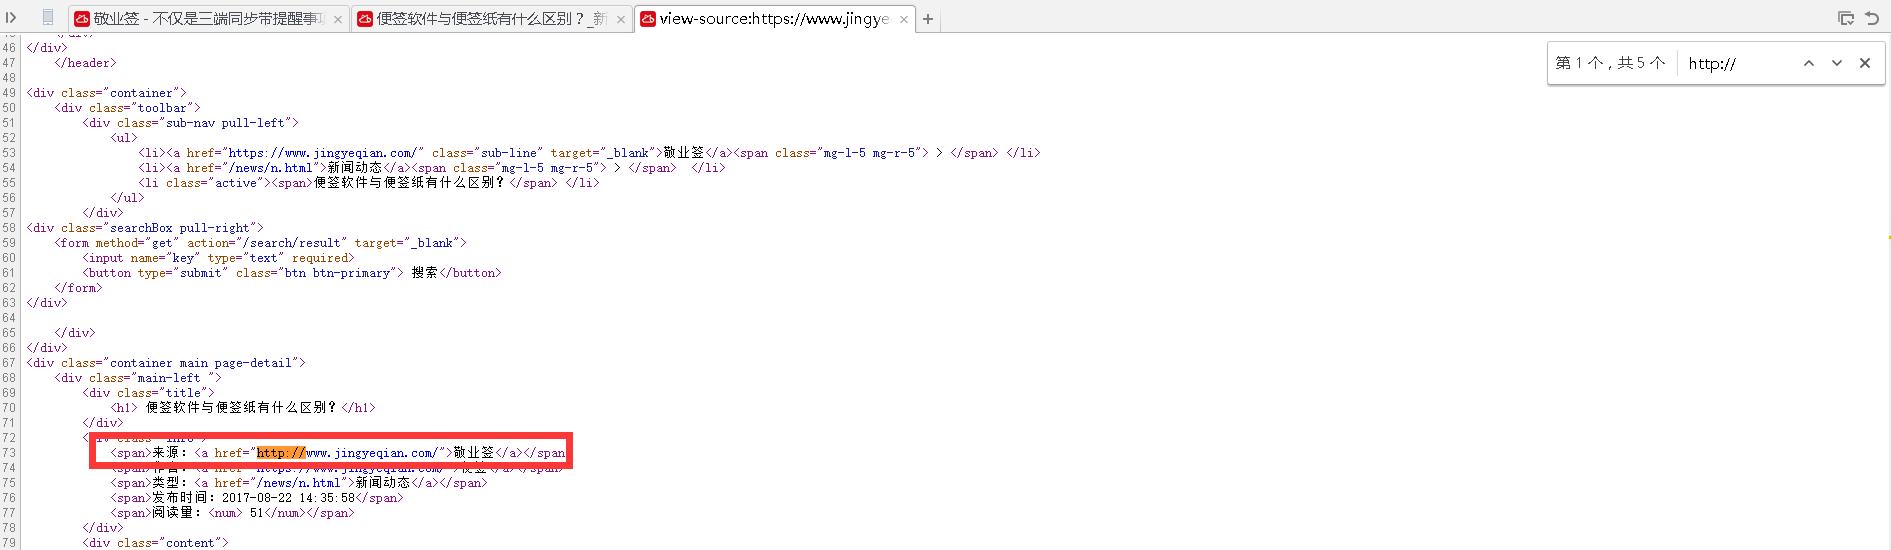 查找HTTP